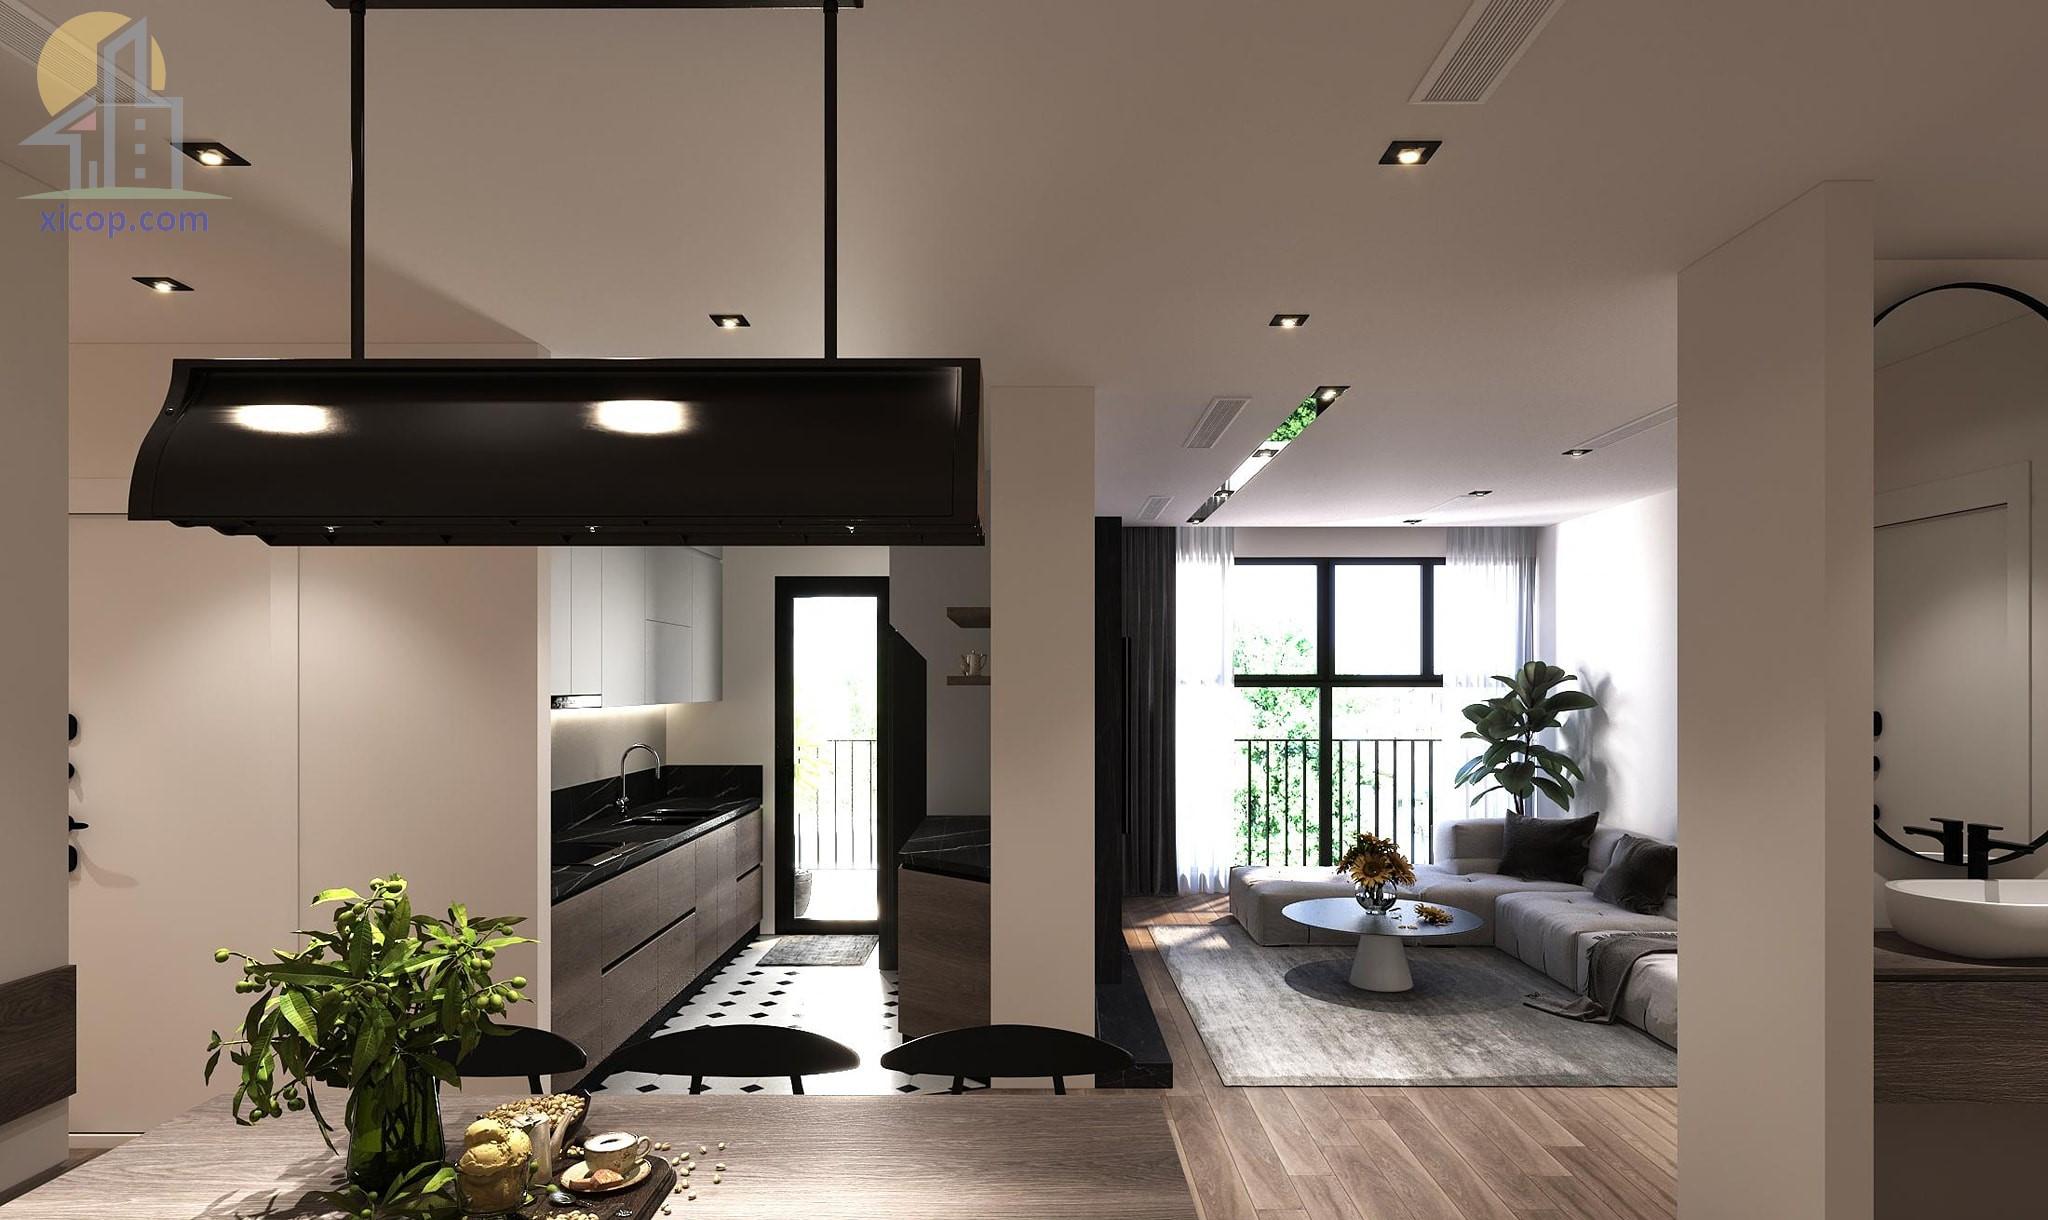 Phong cách thiết kế nhà phố hiện đại nội thất đẹp 08